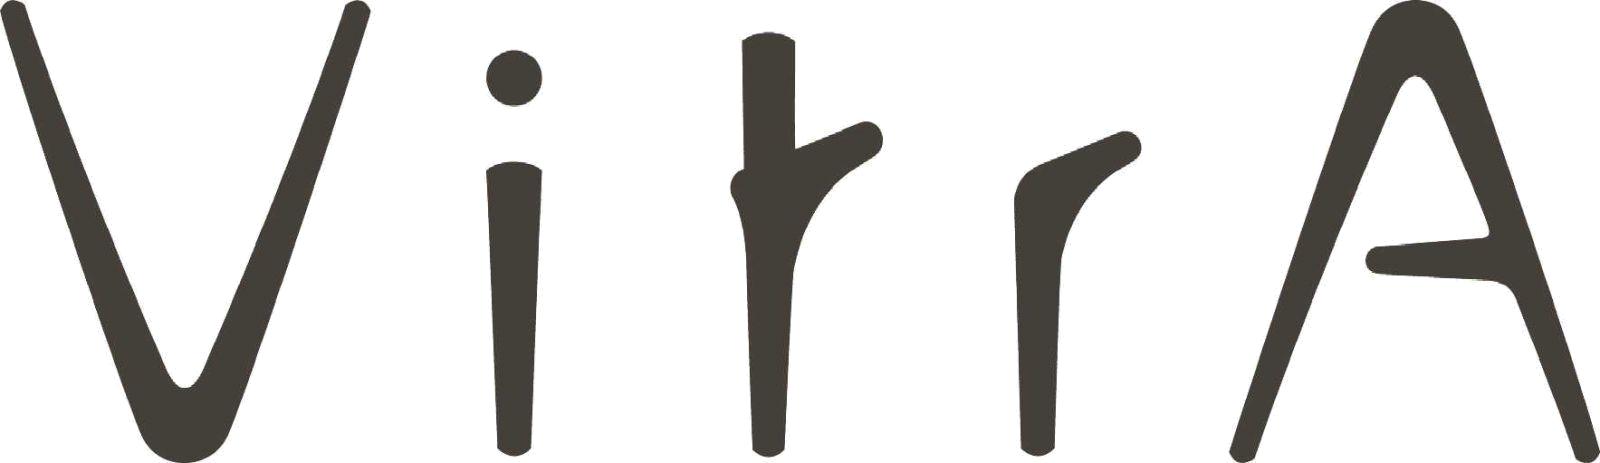 Система смыва Vitra (Витра) для унитазов в ванной комнаты и туалете